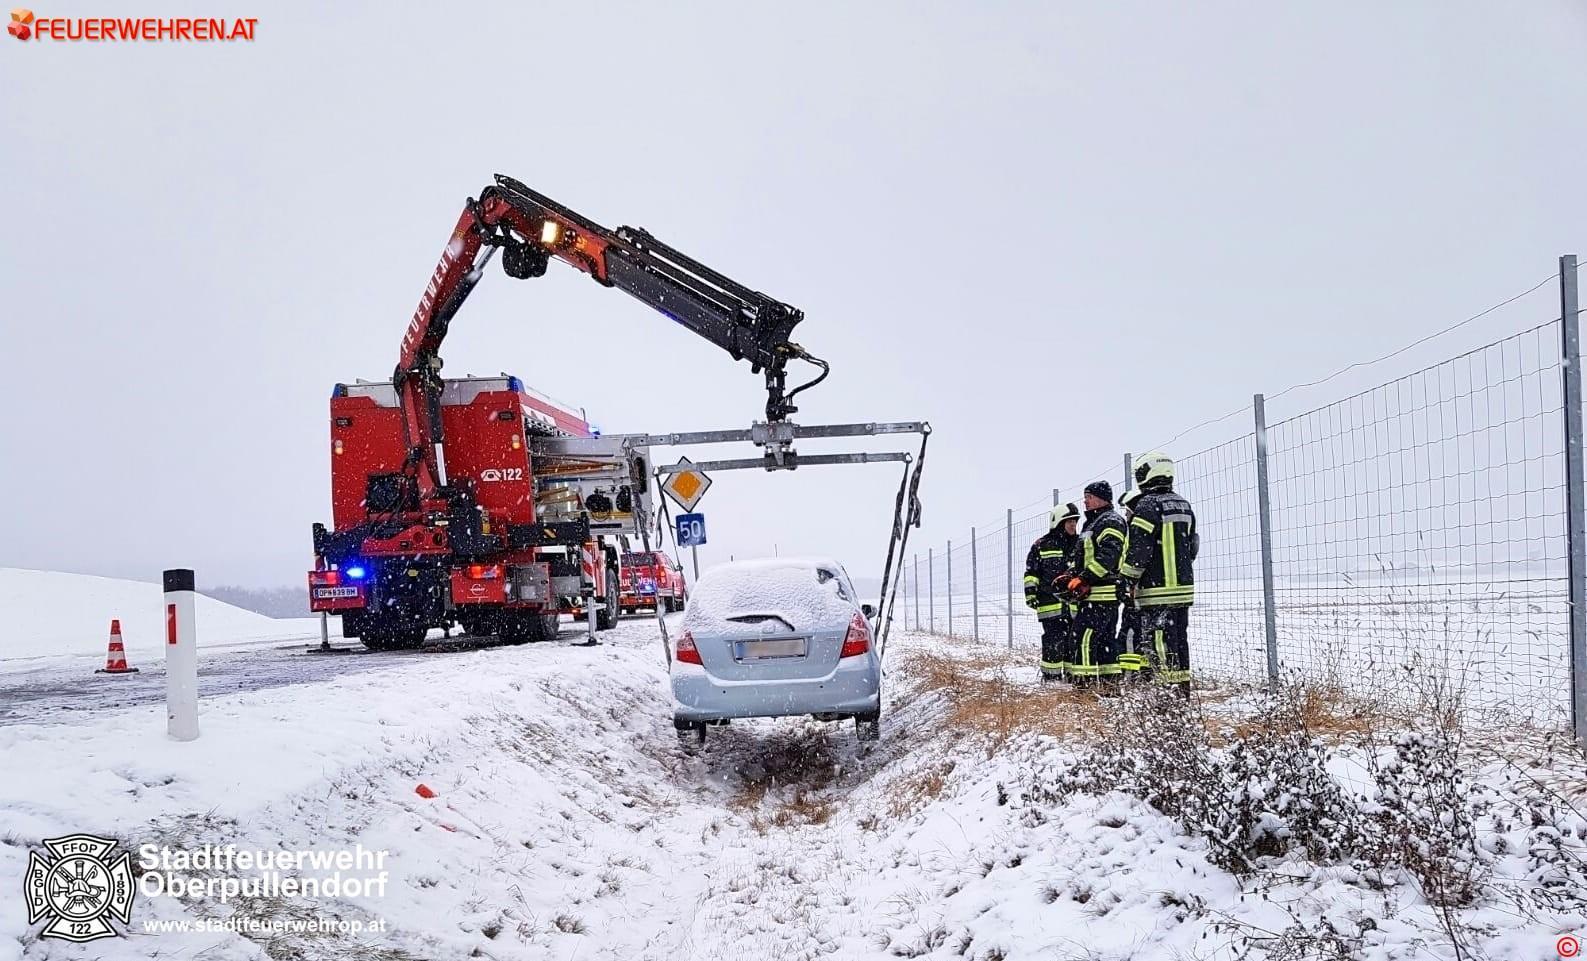 Stadtfeuerwehr Oberpullendorf: Fahrzeugbergung B50 und Verkehrsunfall 1